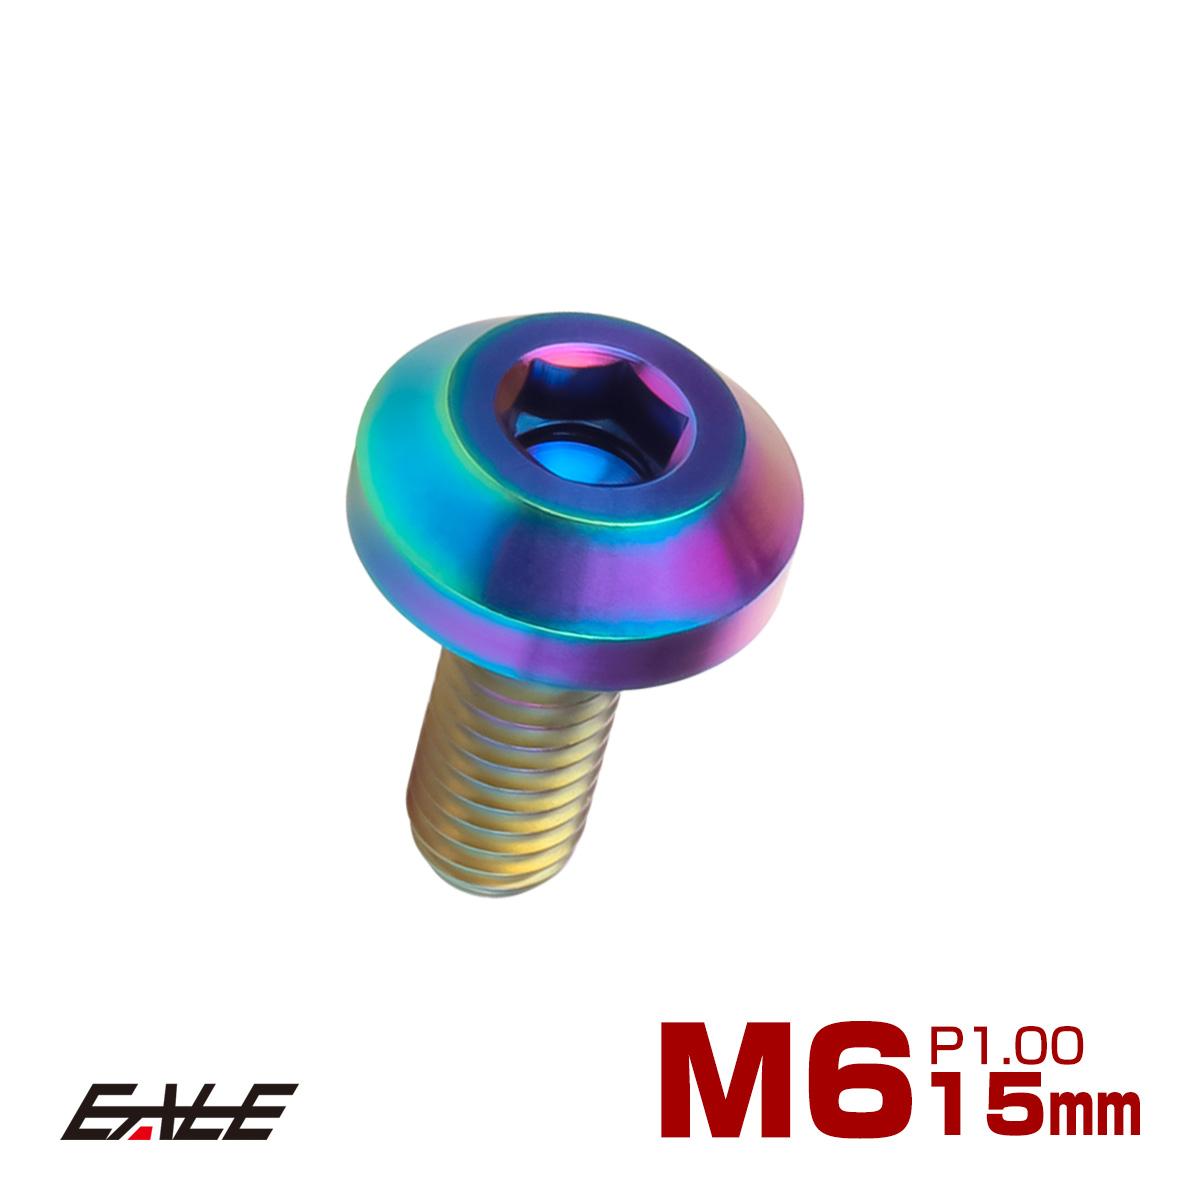 【ネコポス可】 64チタン製 ボタンボルト M6×15mm P1.00 六角穴 テーパーヘッド カスタムボルト レインボー 焼きチタン色 JA850